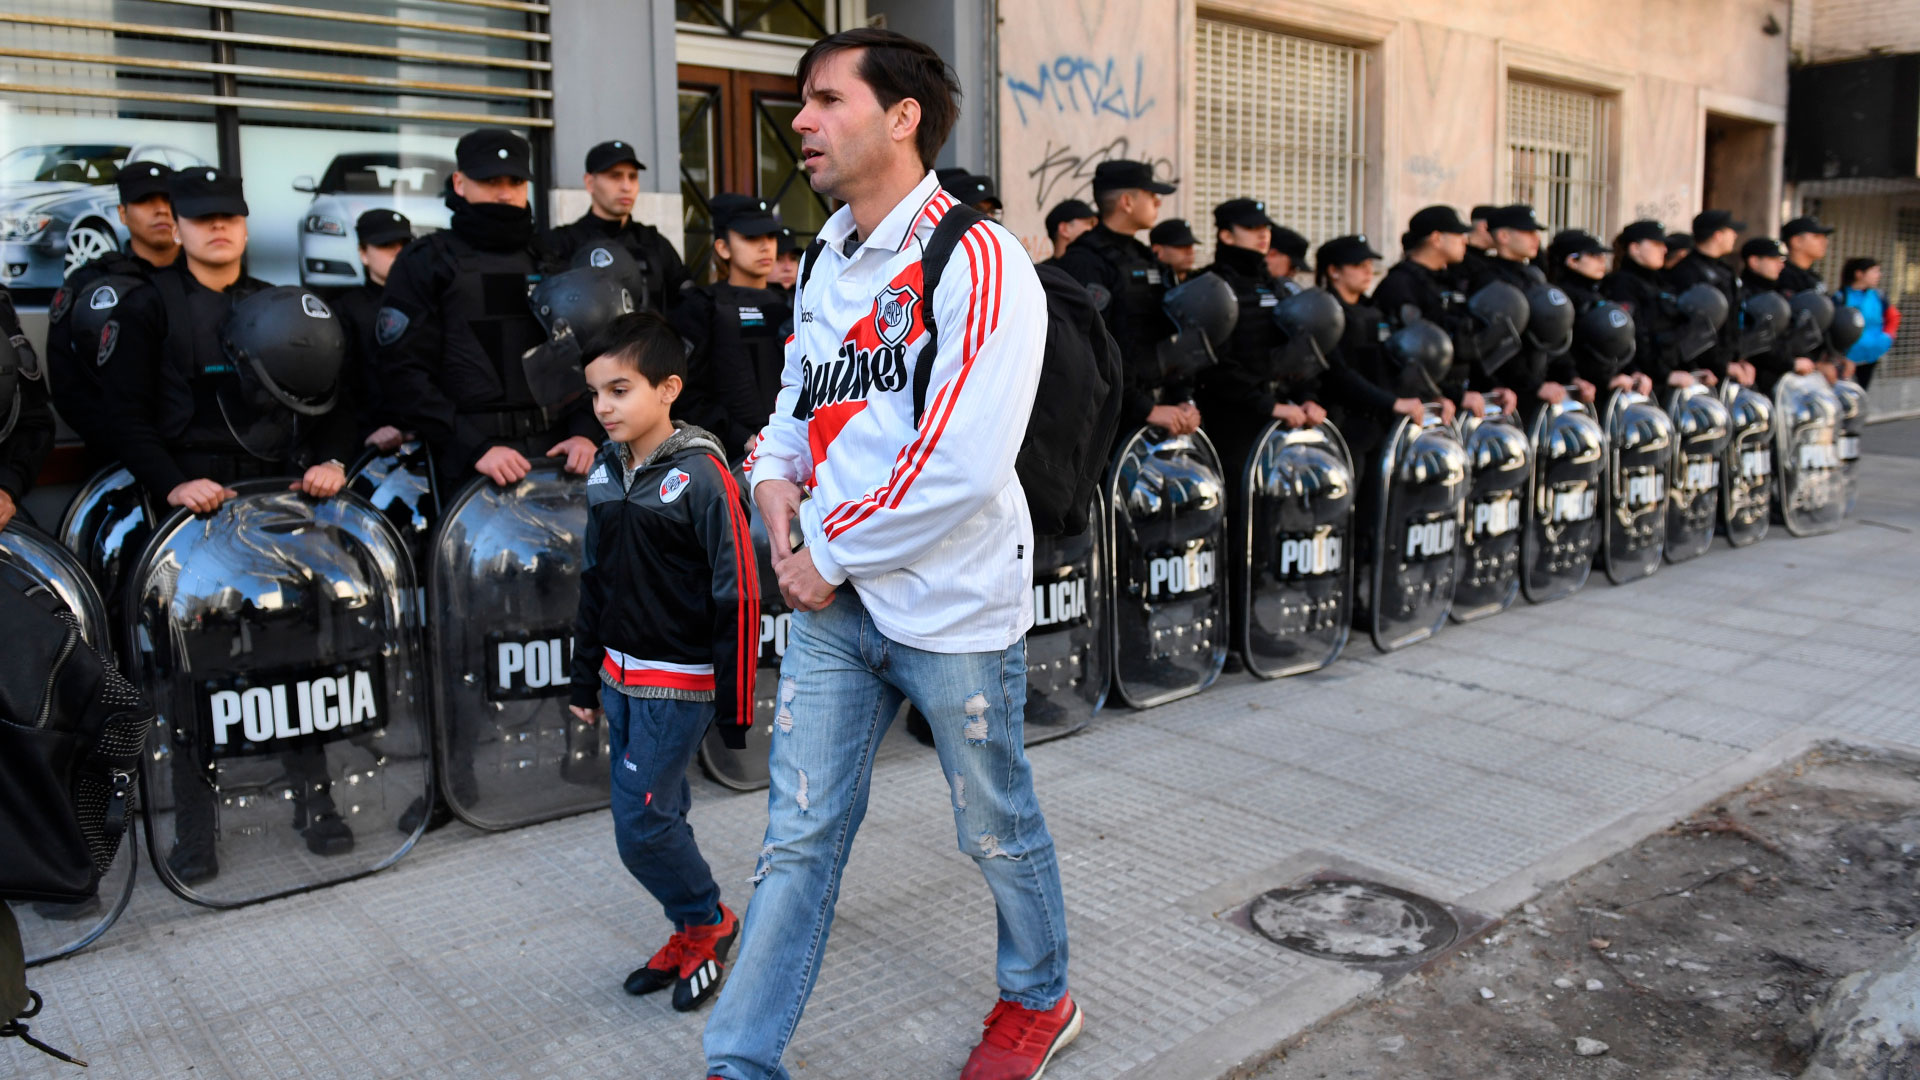 Con la intención de prevenir cualquier tipo de incidentes, varios efectivos de la Policía colaboraron con el desarrollo del ingreso del público